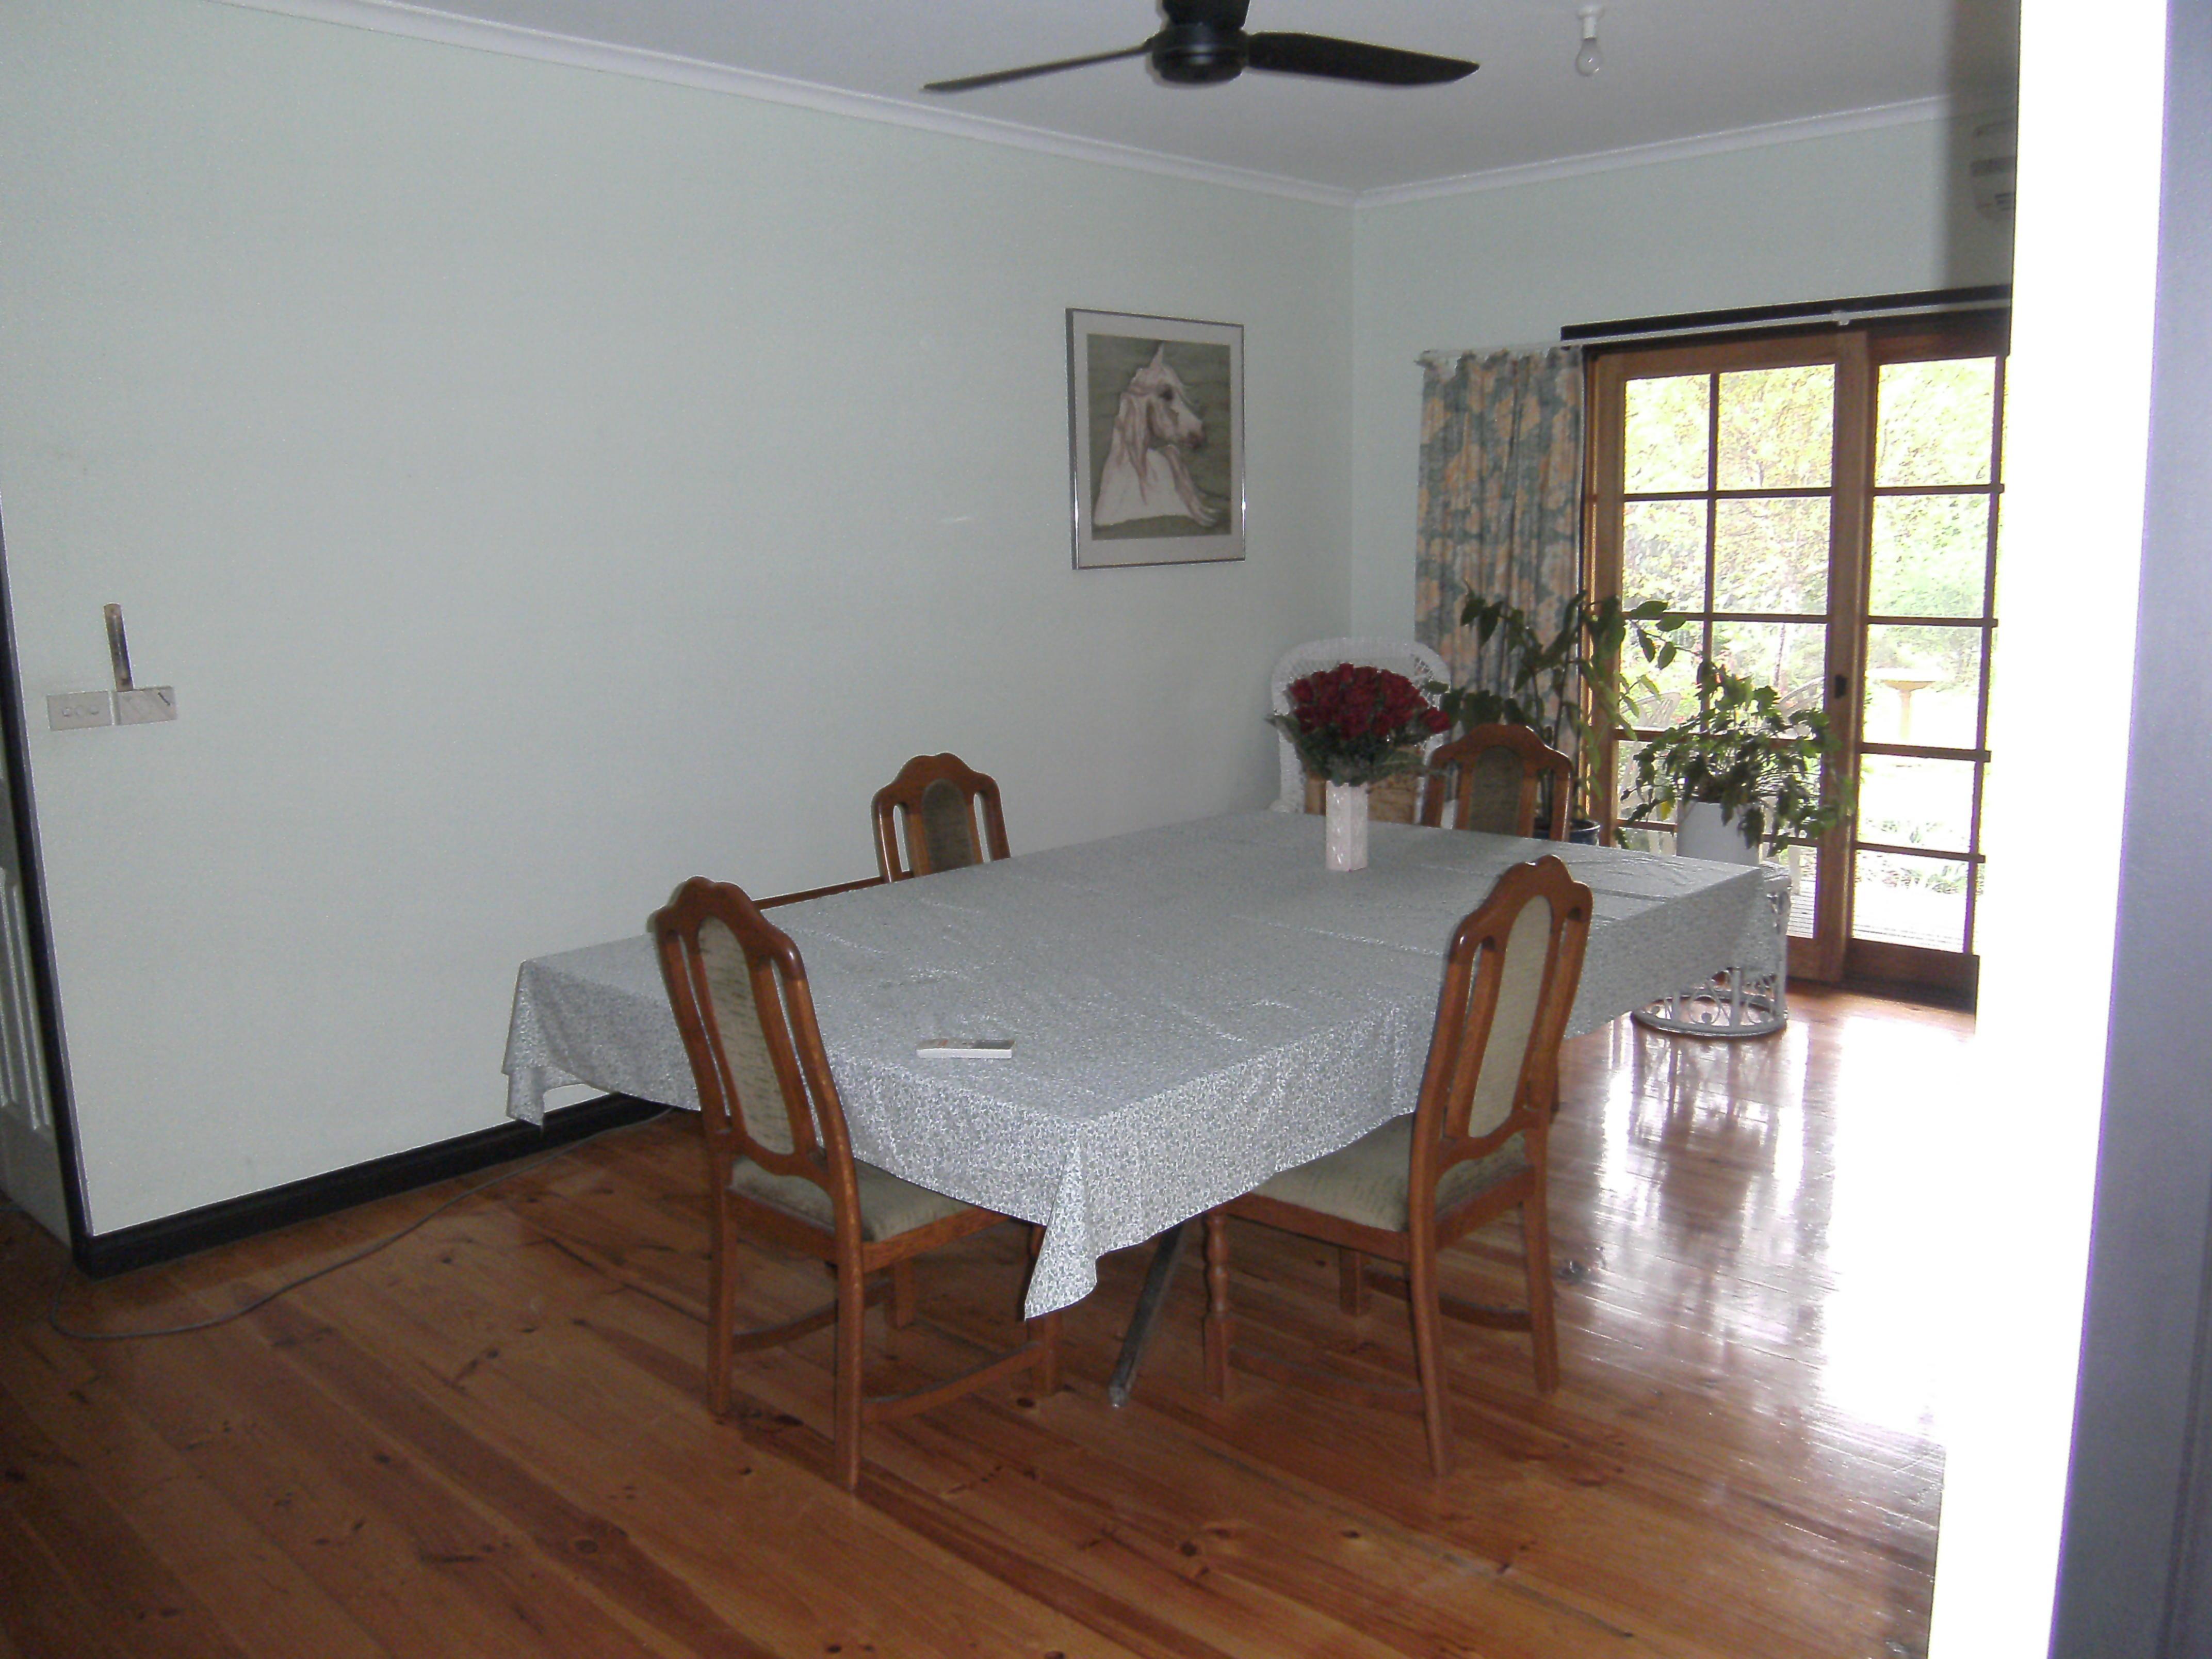 Dining-room-ALDI.jpeg